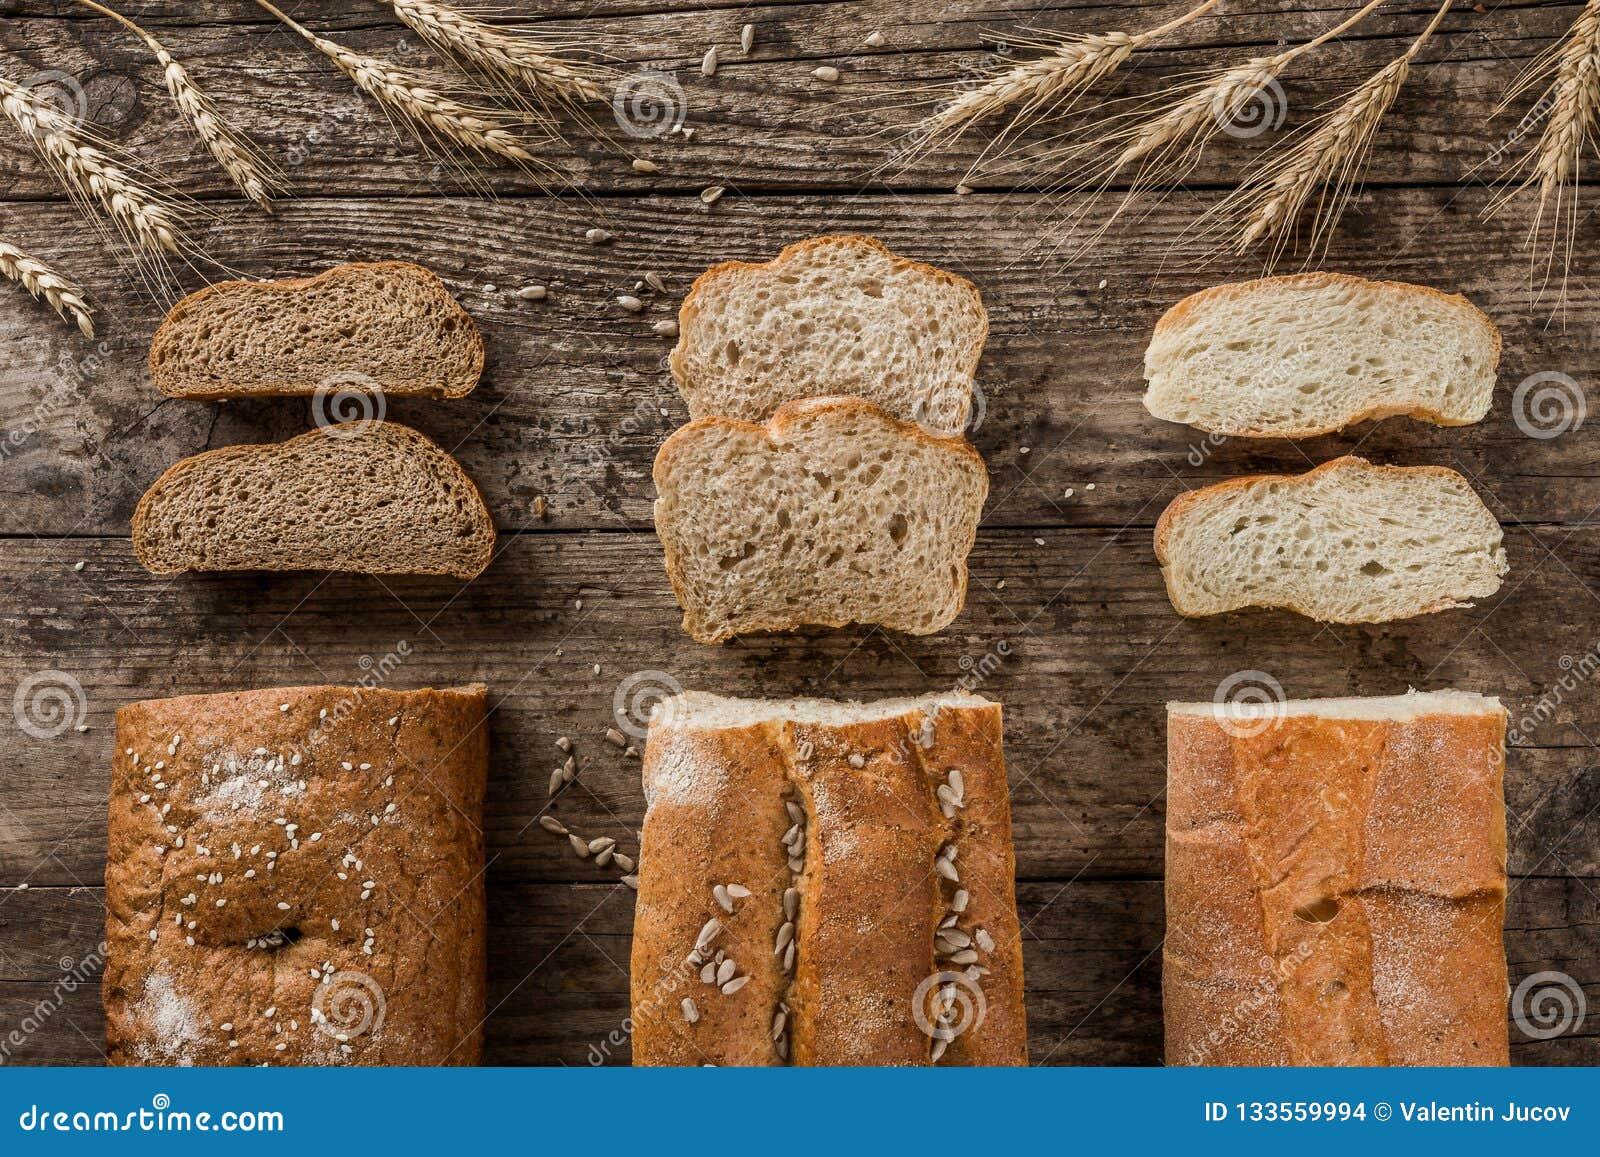 Διαφορετικά φρέσκα ψωμί και spikelets του σίτου στο αγροτικό ξύλινο υπόβαθρο Δημιουργικό σχεδιάγραμμα φιαγμένο από ψωμί